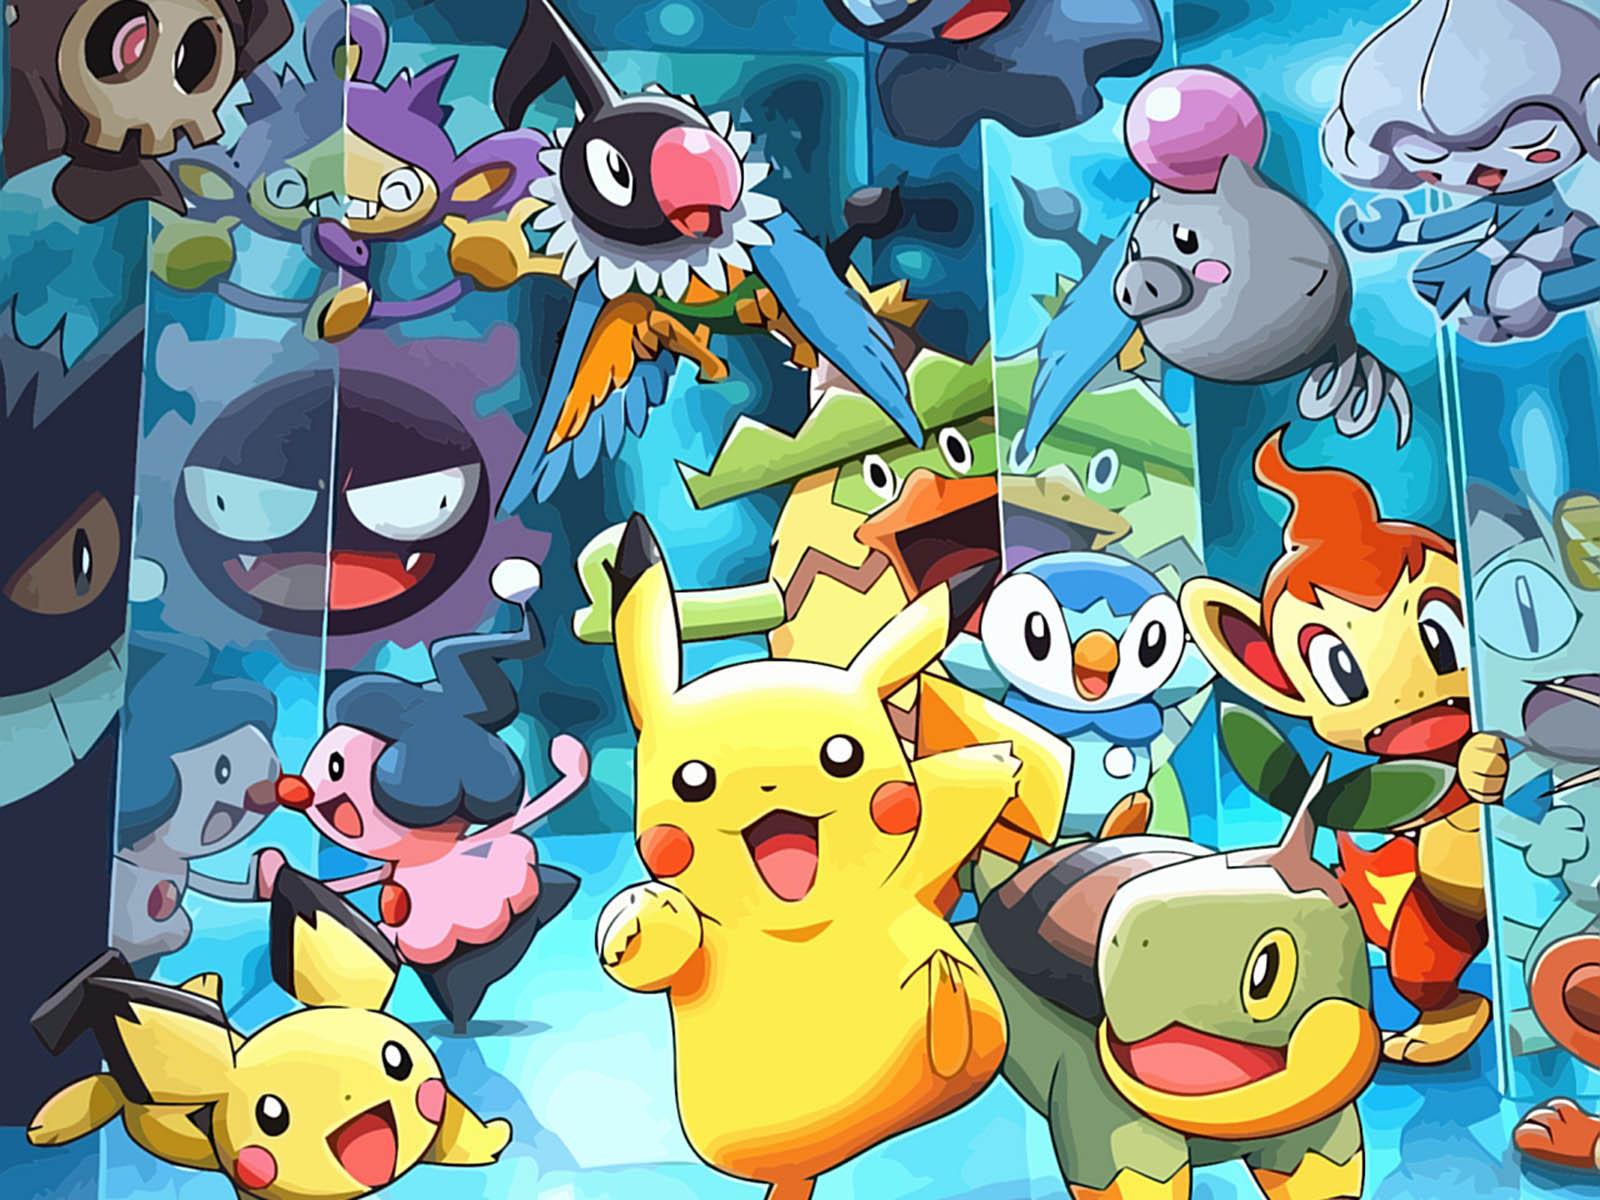 pikachu pokemon wallpaper - photo #30